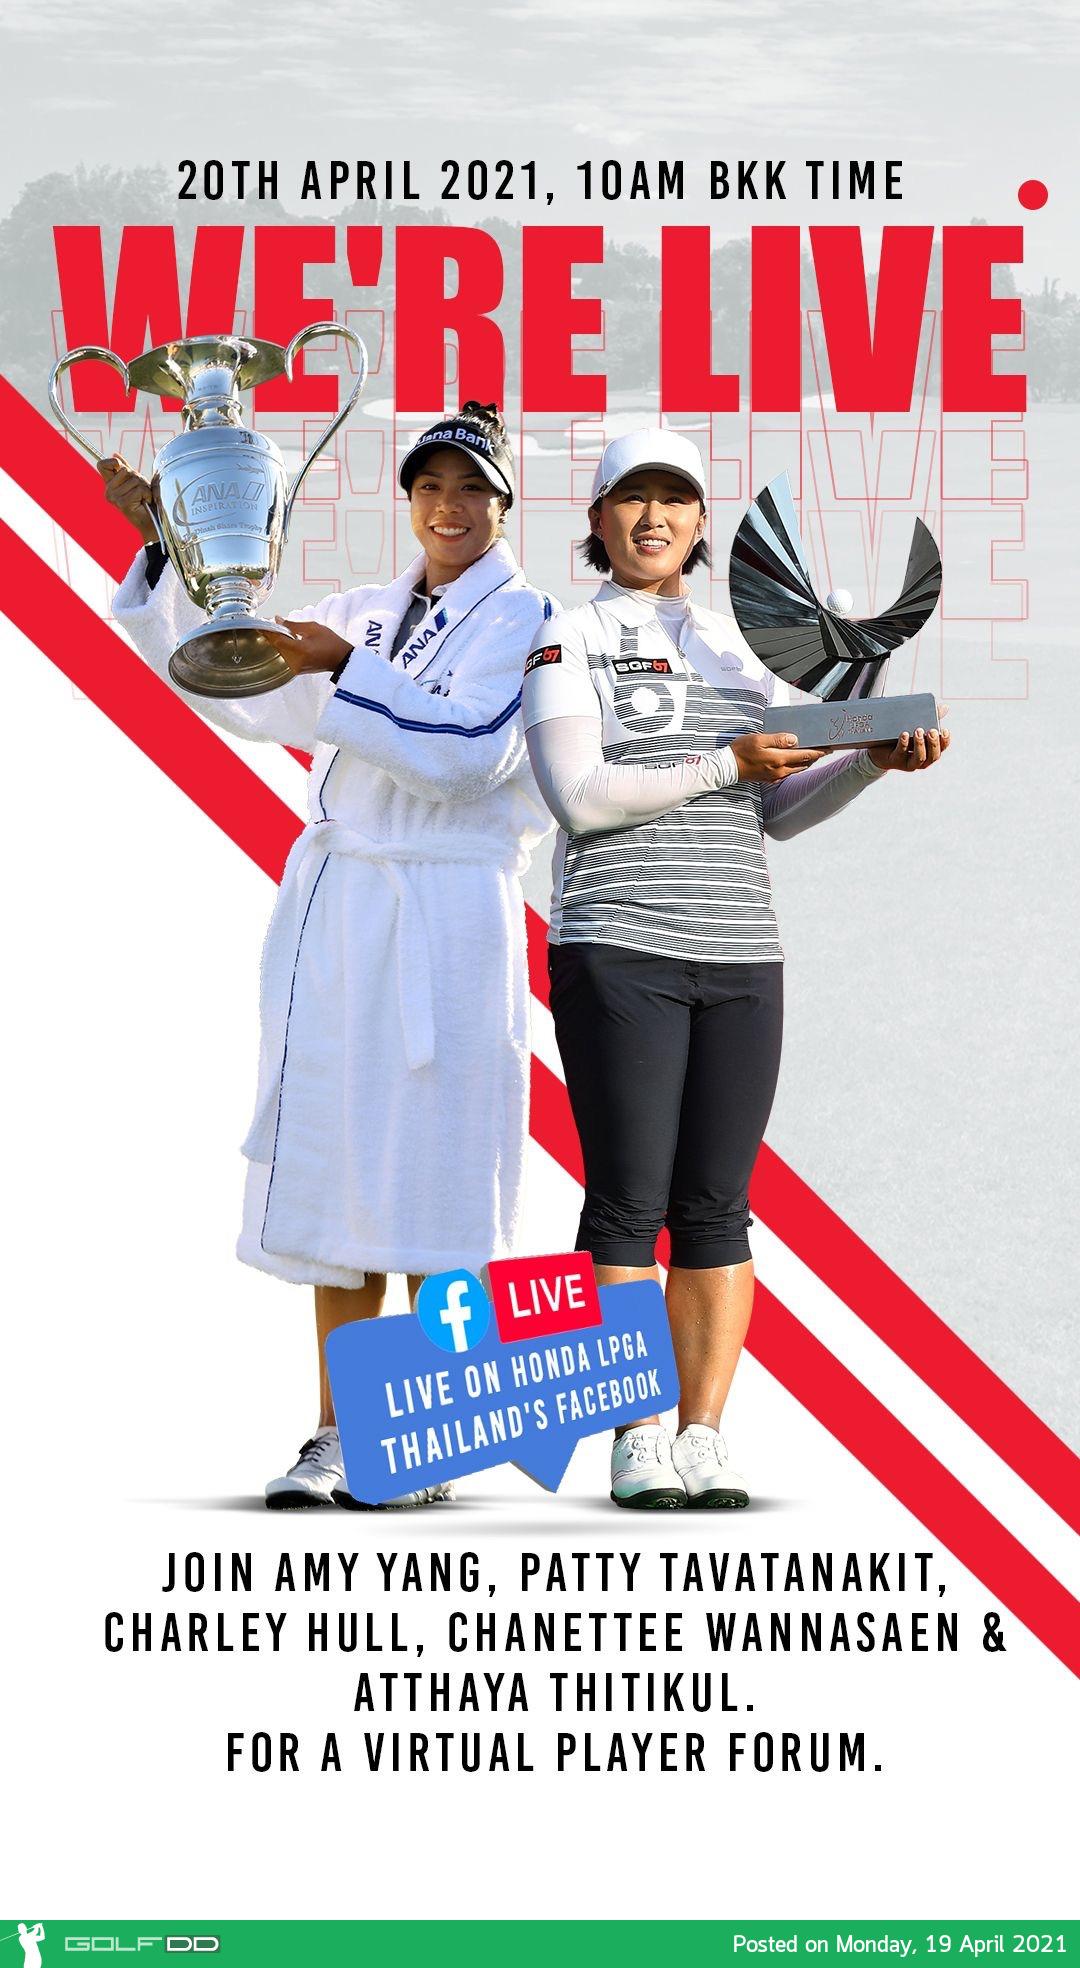 """ประกาศความพร้อมในจัดการแข่งขันกอล์ฟอาชีพสตรี """"ฮอนด้า แอลพีจีเอ ไทยแลนด์ 2021"""""""